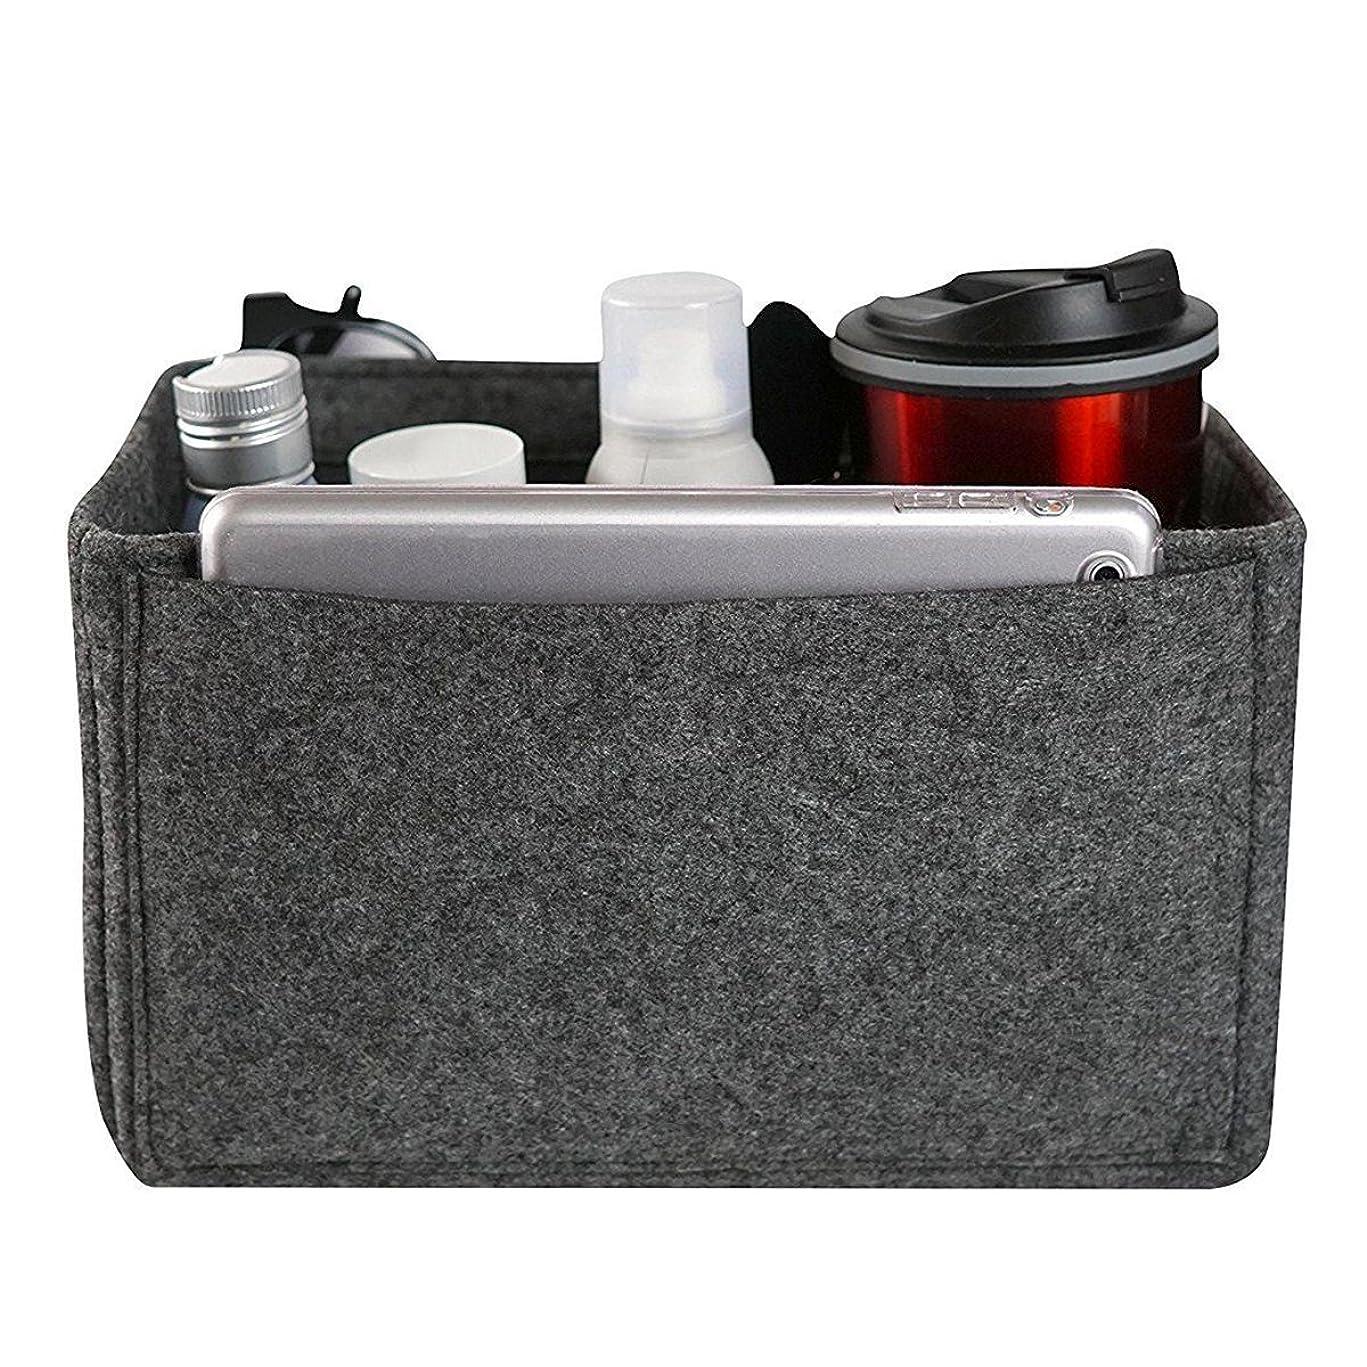 潜在的な親今日YZUEYT フェルトインサートバッグマルチポケット化粧品ハンドバッグ財布オーガナイザーホルダーメイクアップトラベルジッパー YZUEYT (Color : Color dark gray, Size : XL)